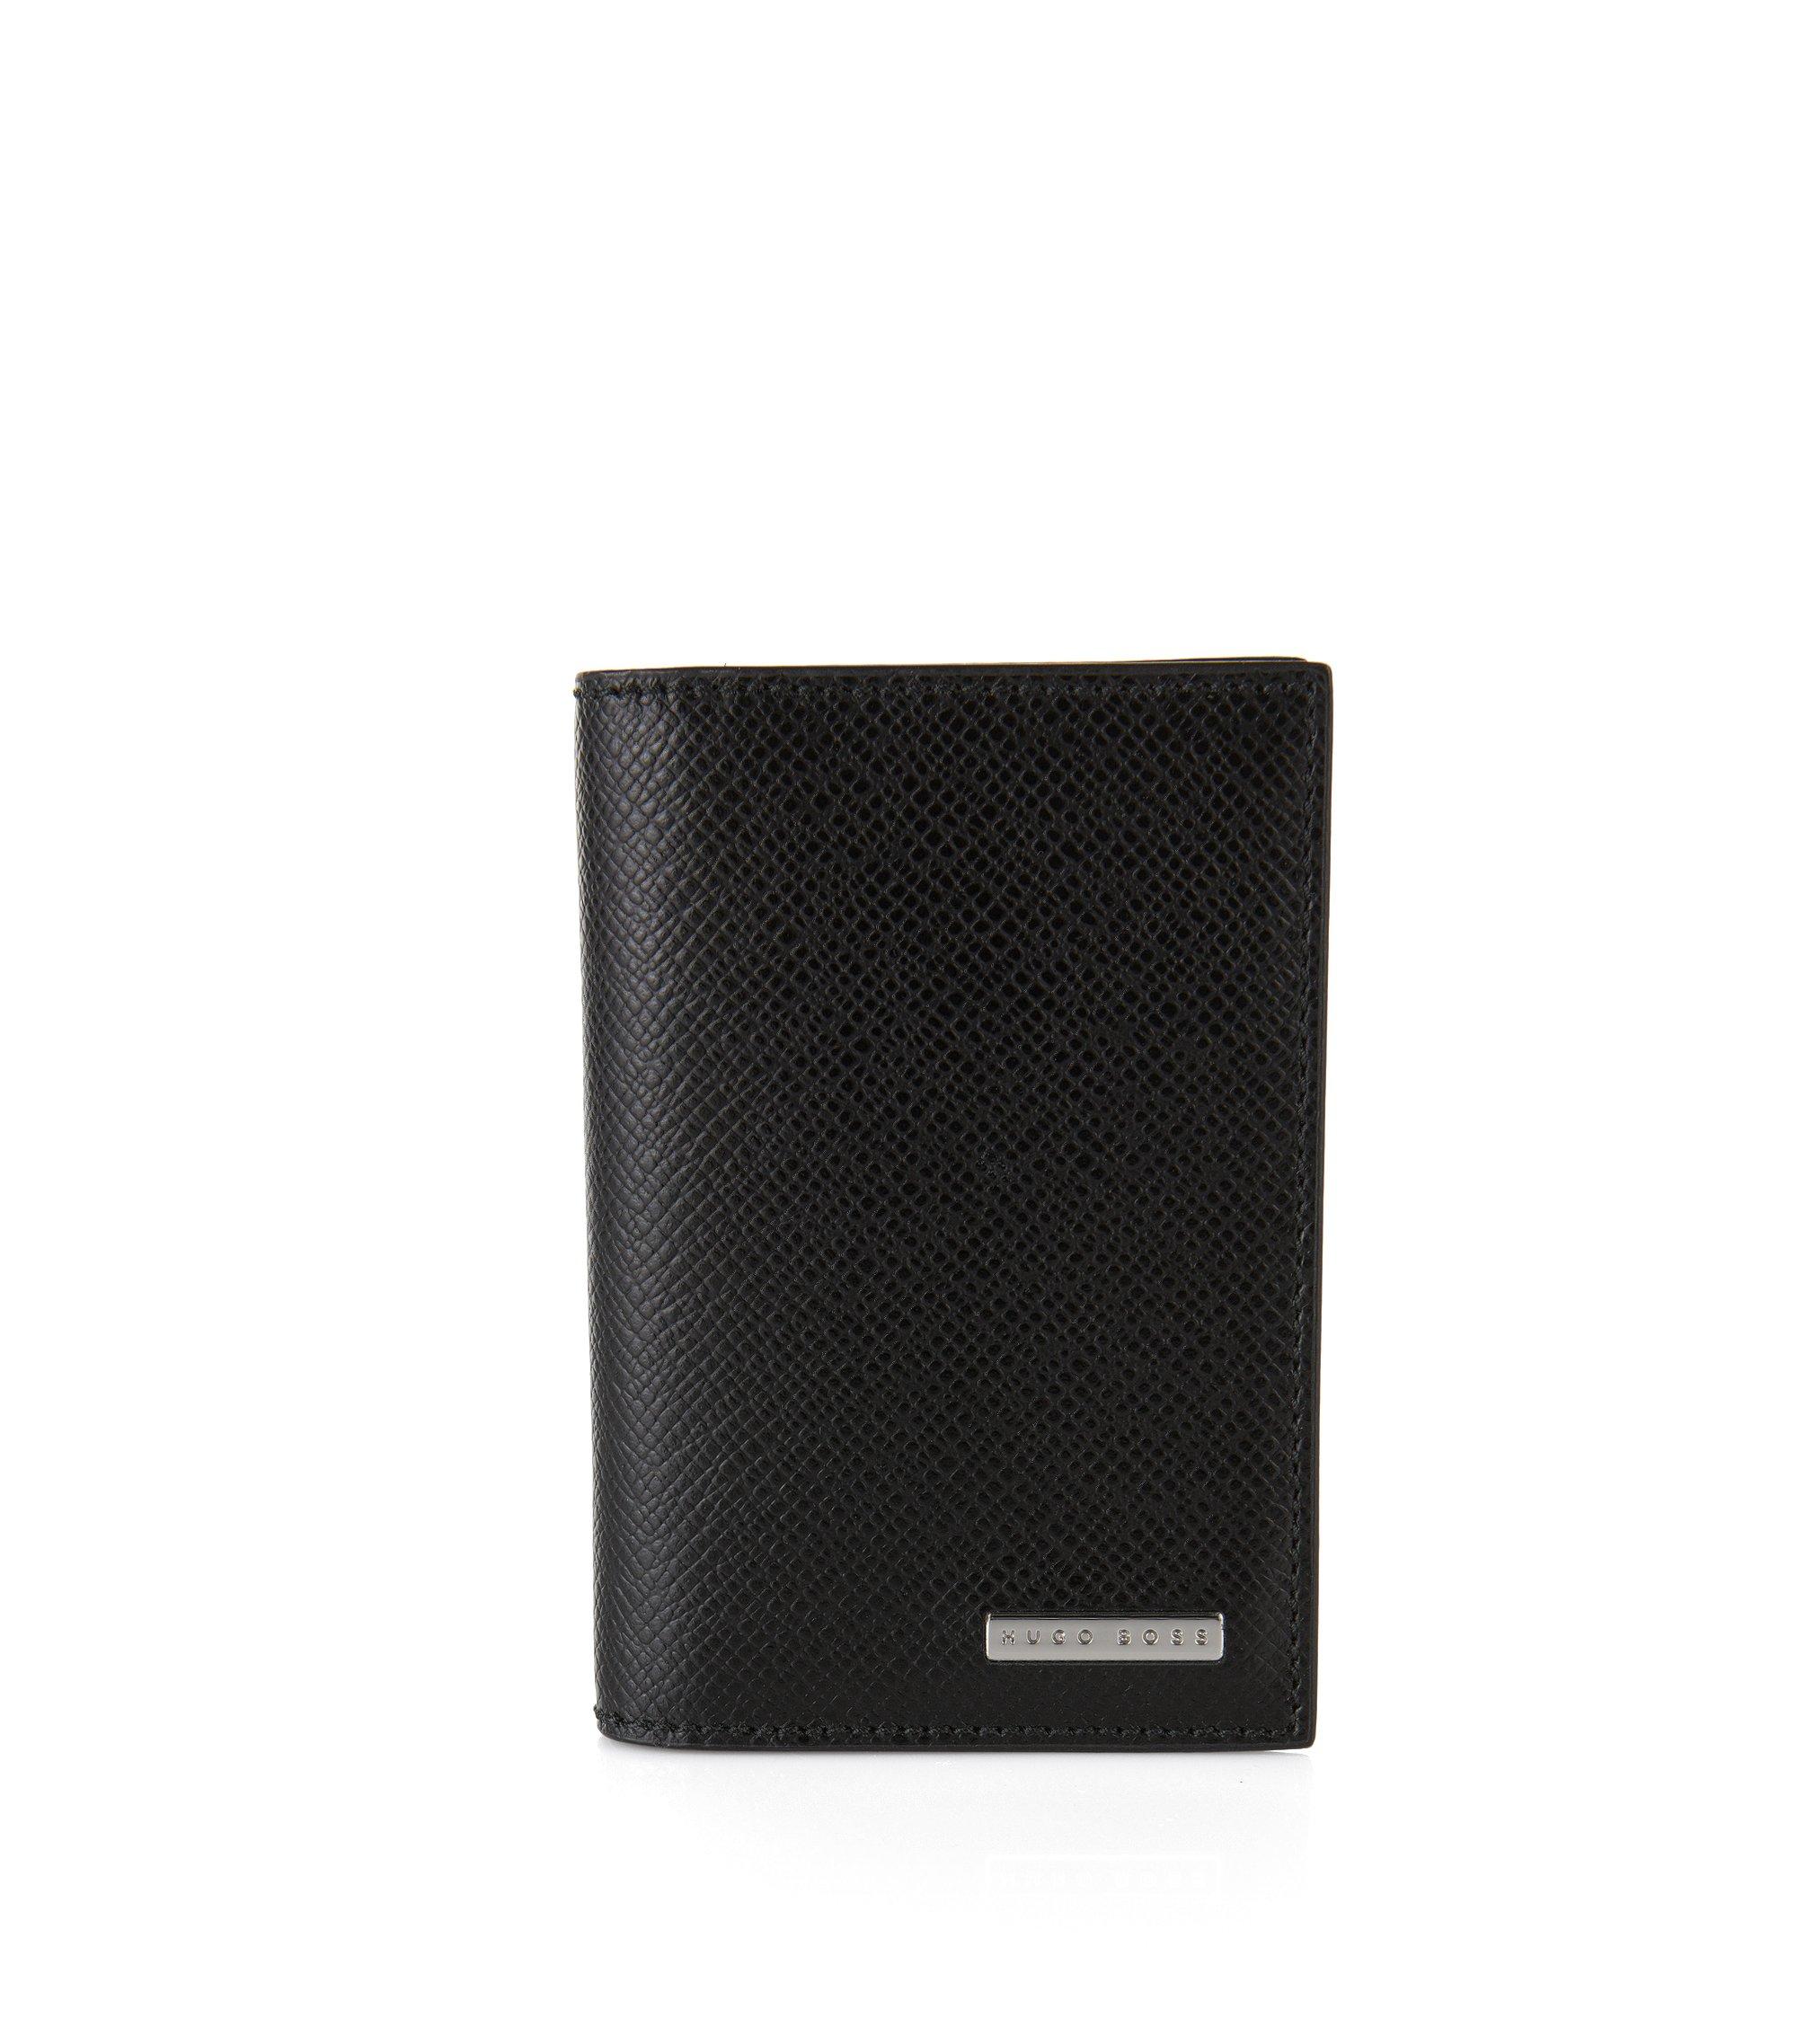 Kleine Geldbörse aus Palmellato-Leder zum Aufklappen aus der Signature Collection, Schwarz